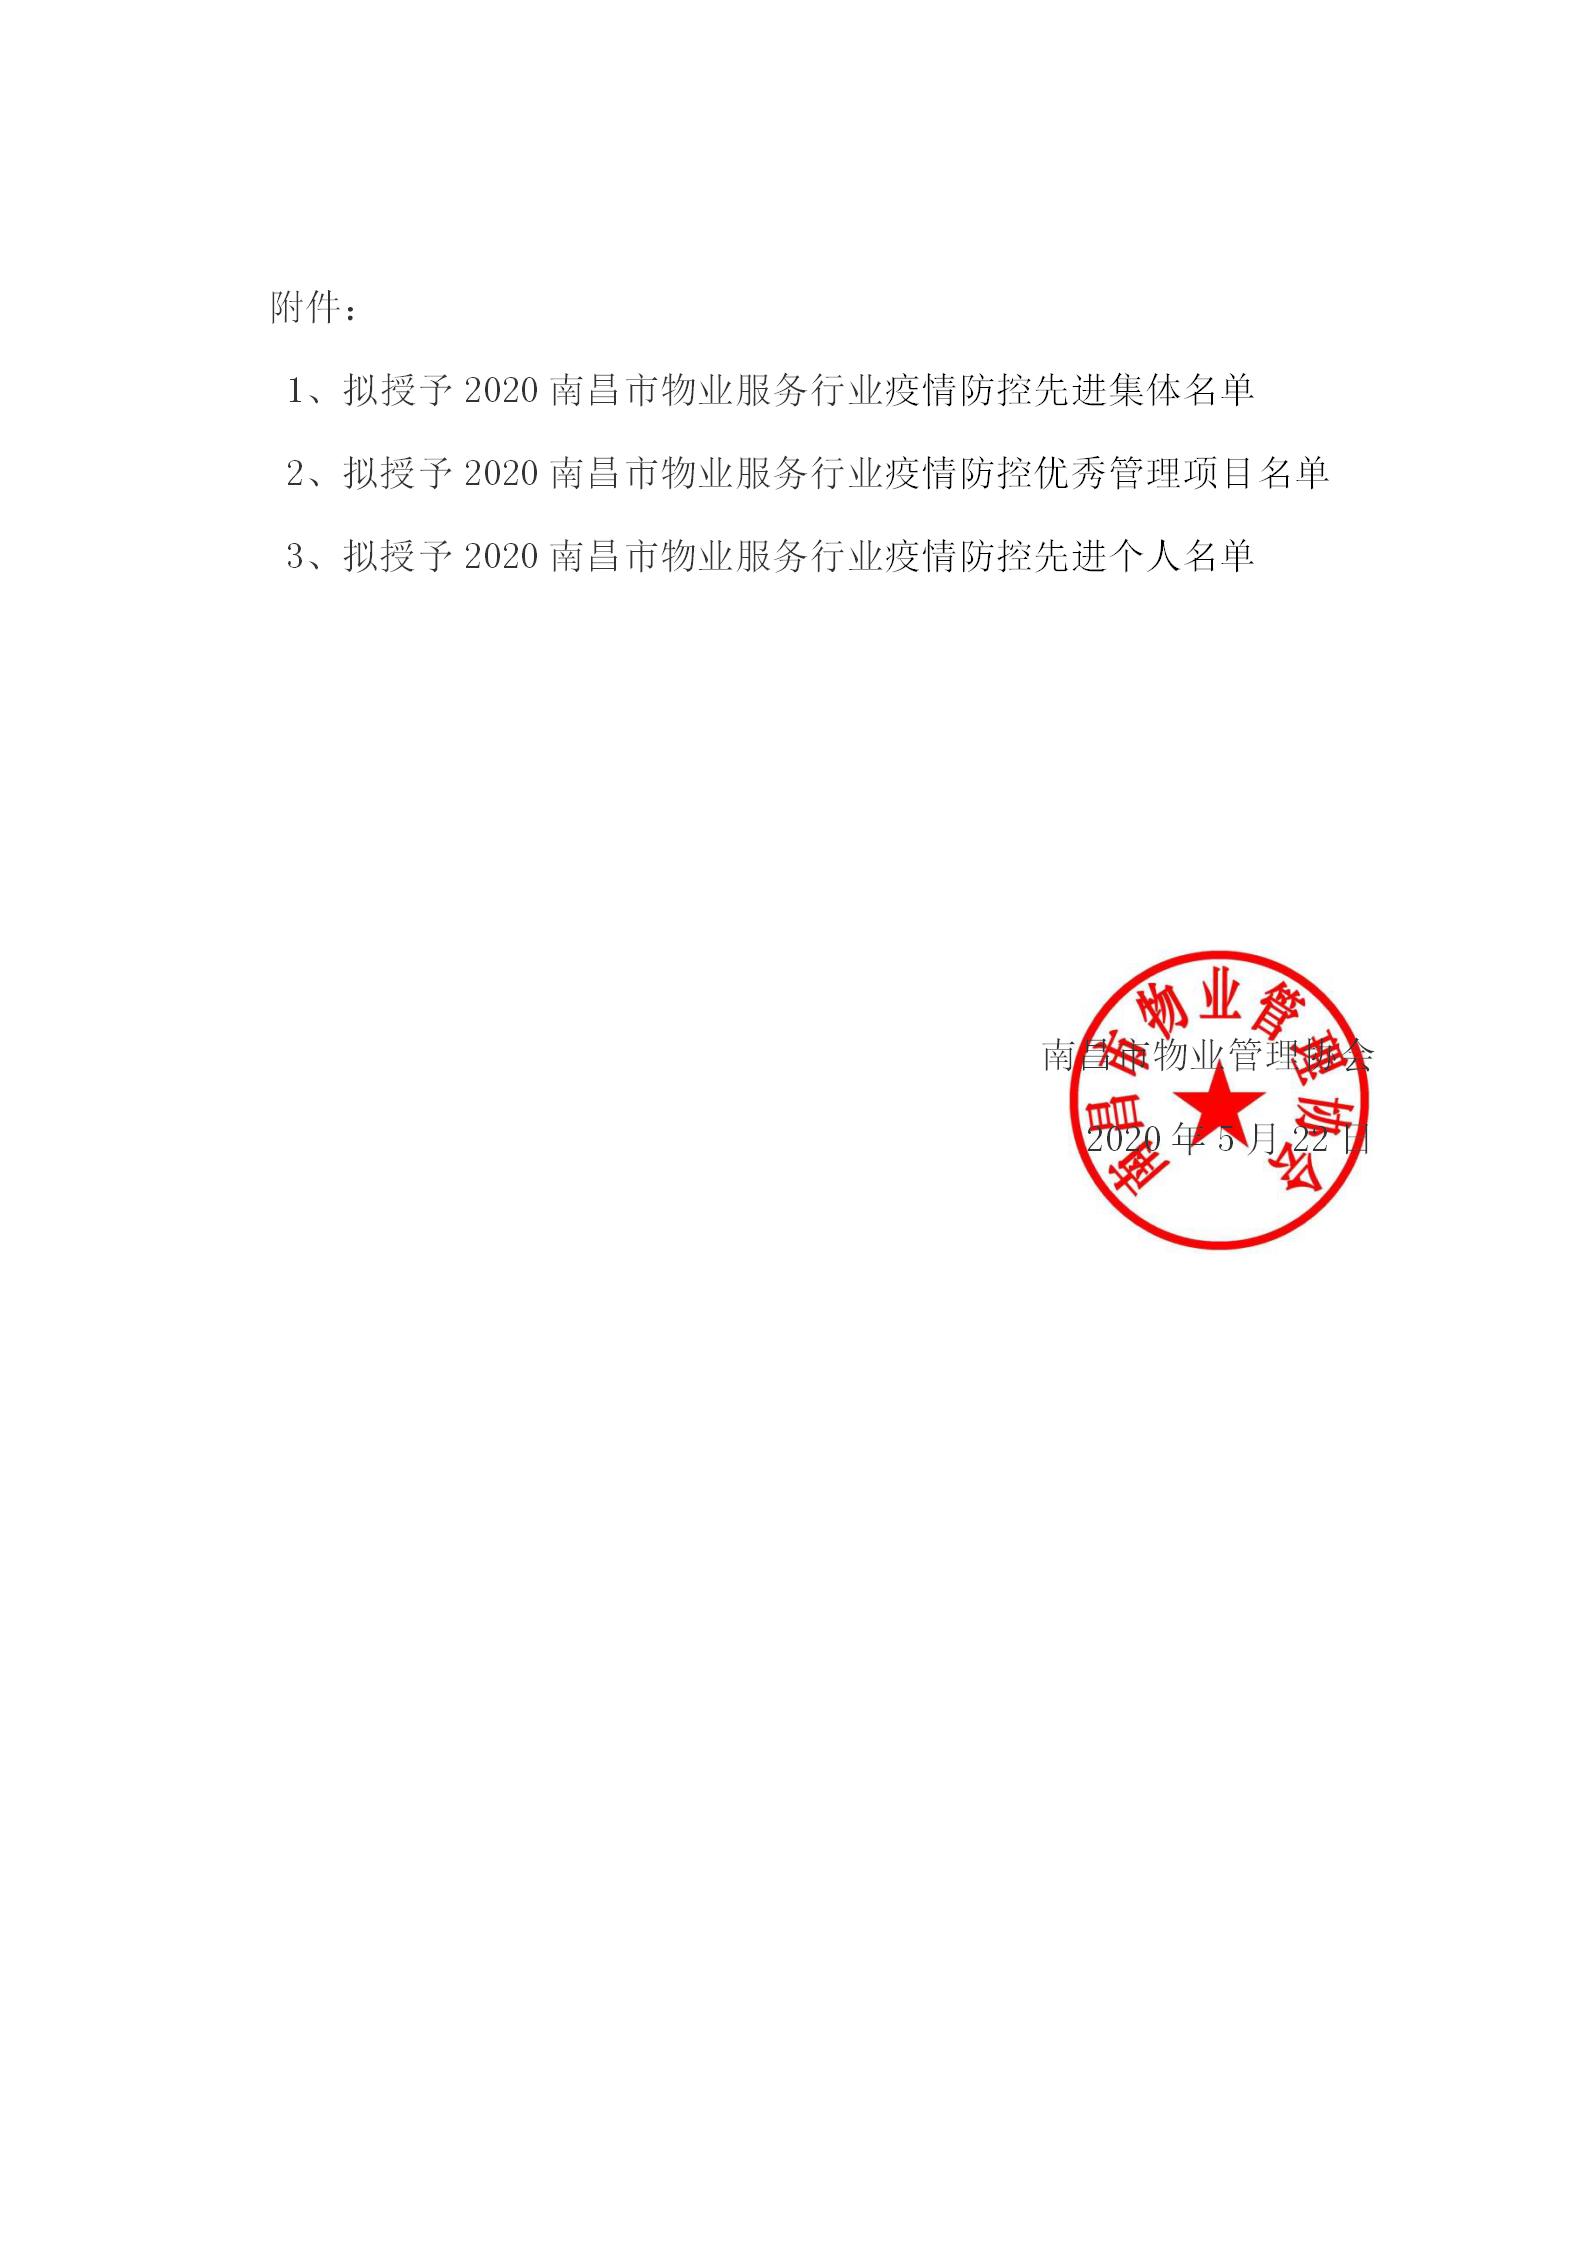 关于南昌市物业服务行业在新型冠状病毒疫情防控工作中表现突出的先进集体、优秀管理项目和先进个人的公示_02.png